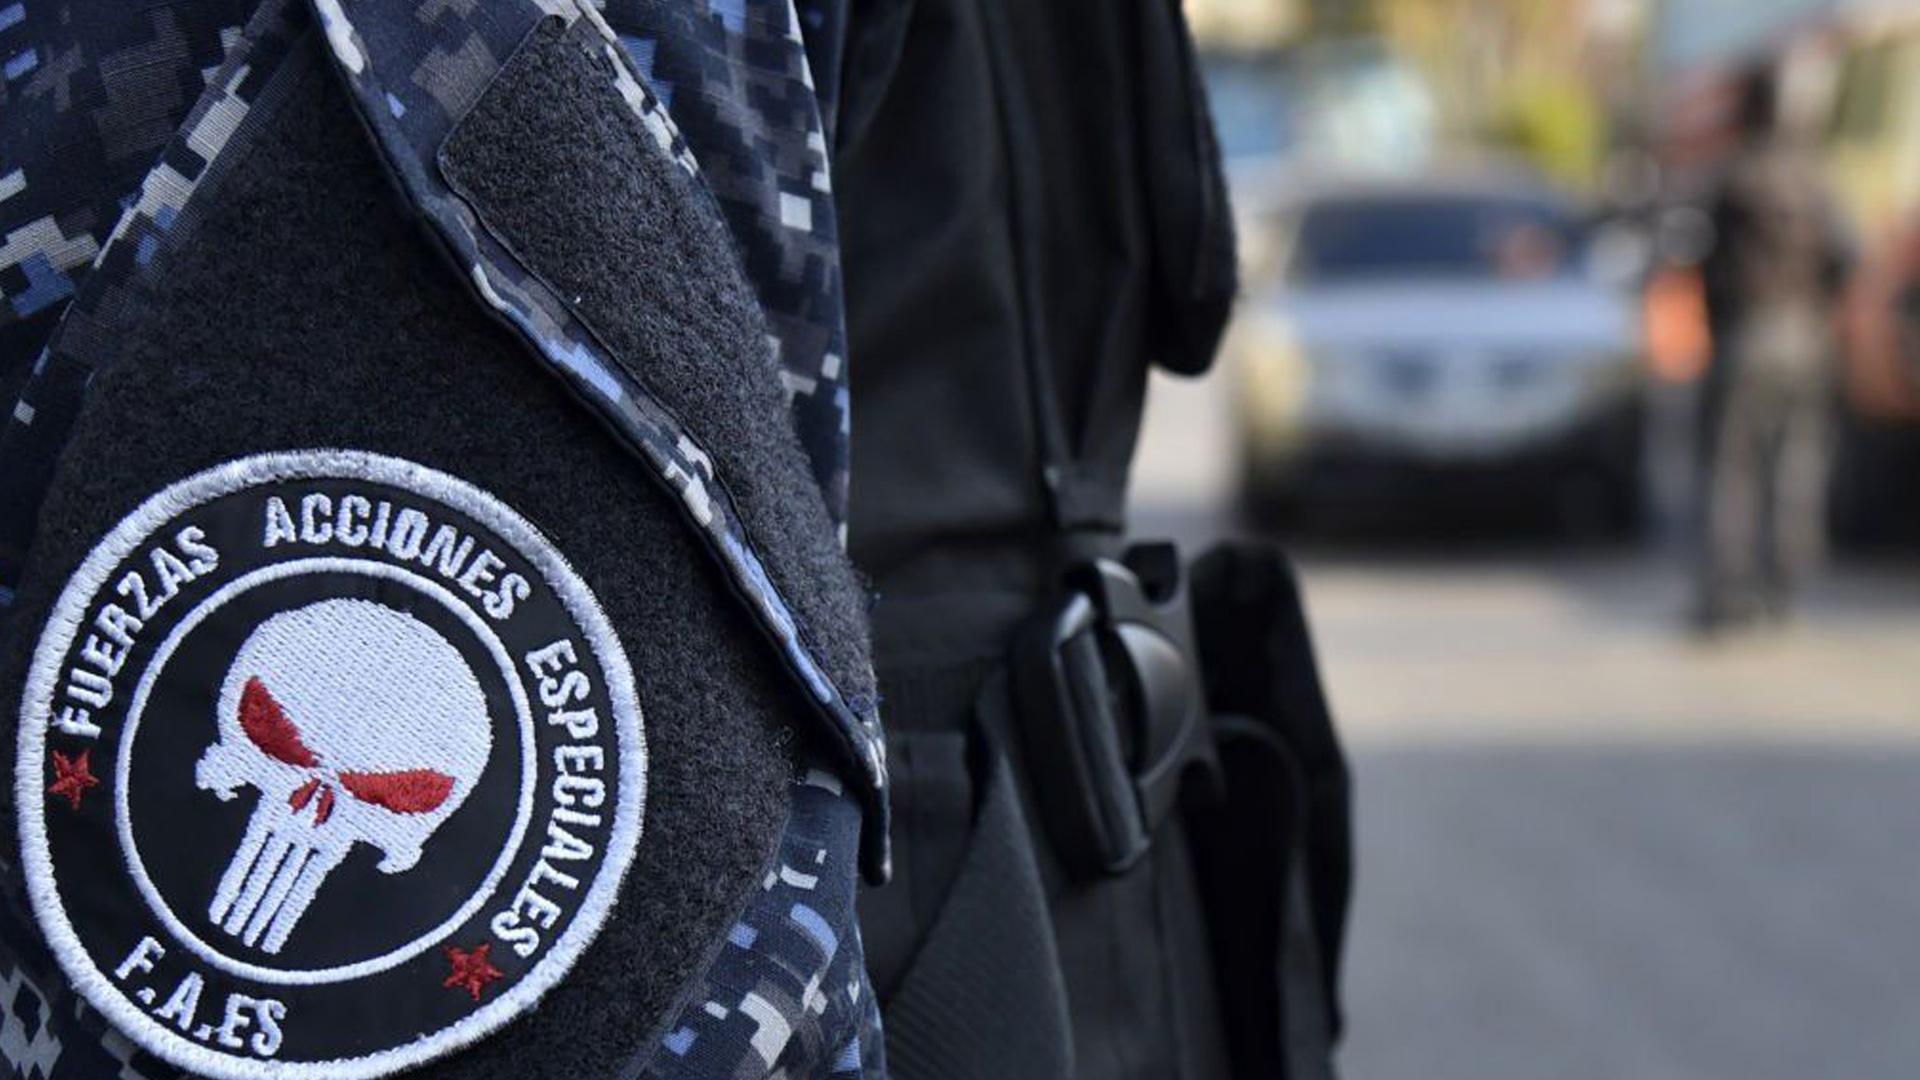 Cidh pide disolver las Faes tras masacre en La Vega